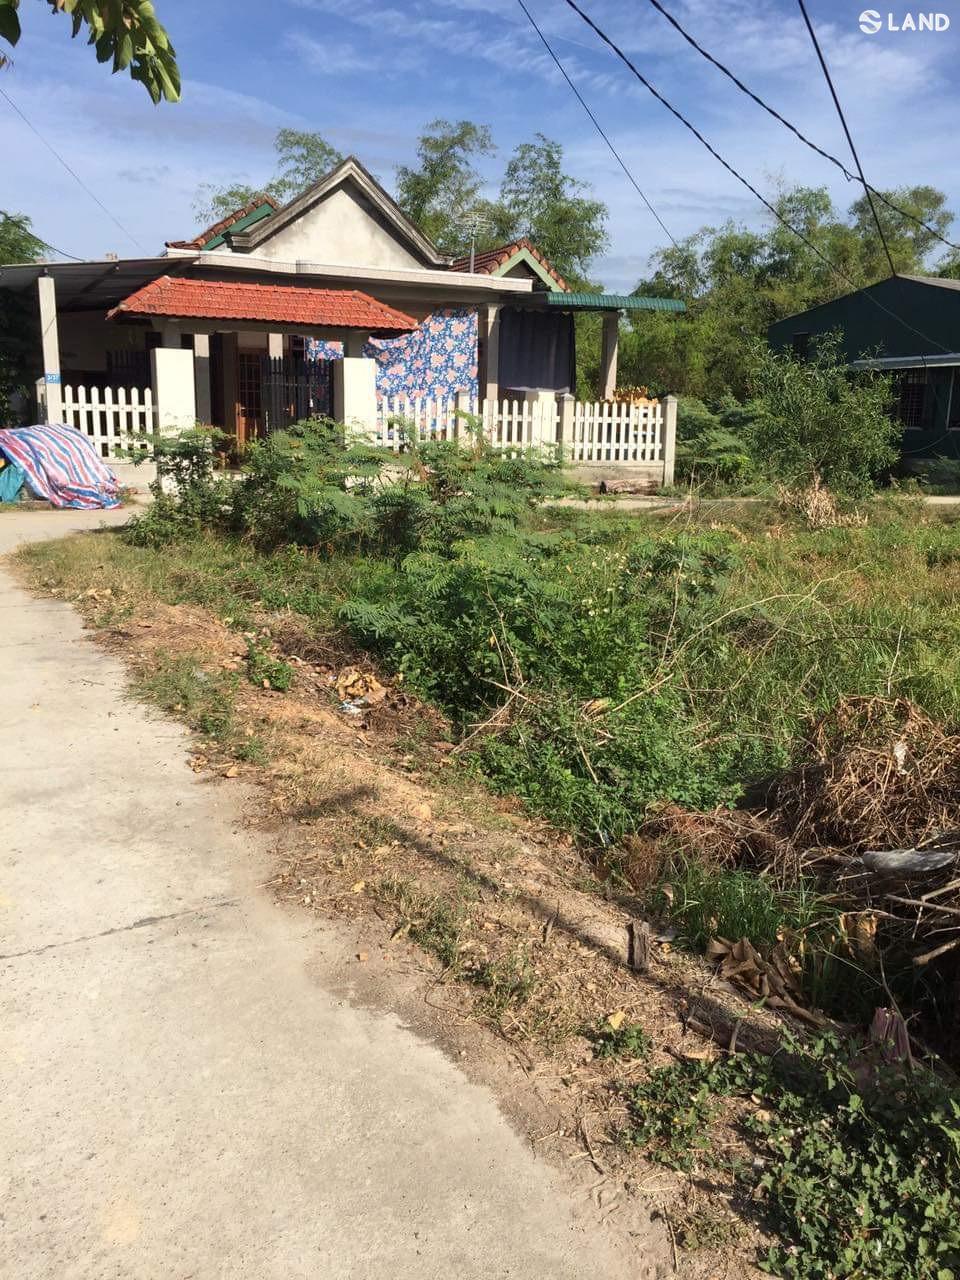 Cần bán lô đất 2 mặt tiền Kiệt 33 Lê Trọng Bật, phường Thuỷ châu, thị xã Hương Thuỷ.